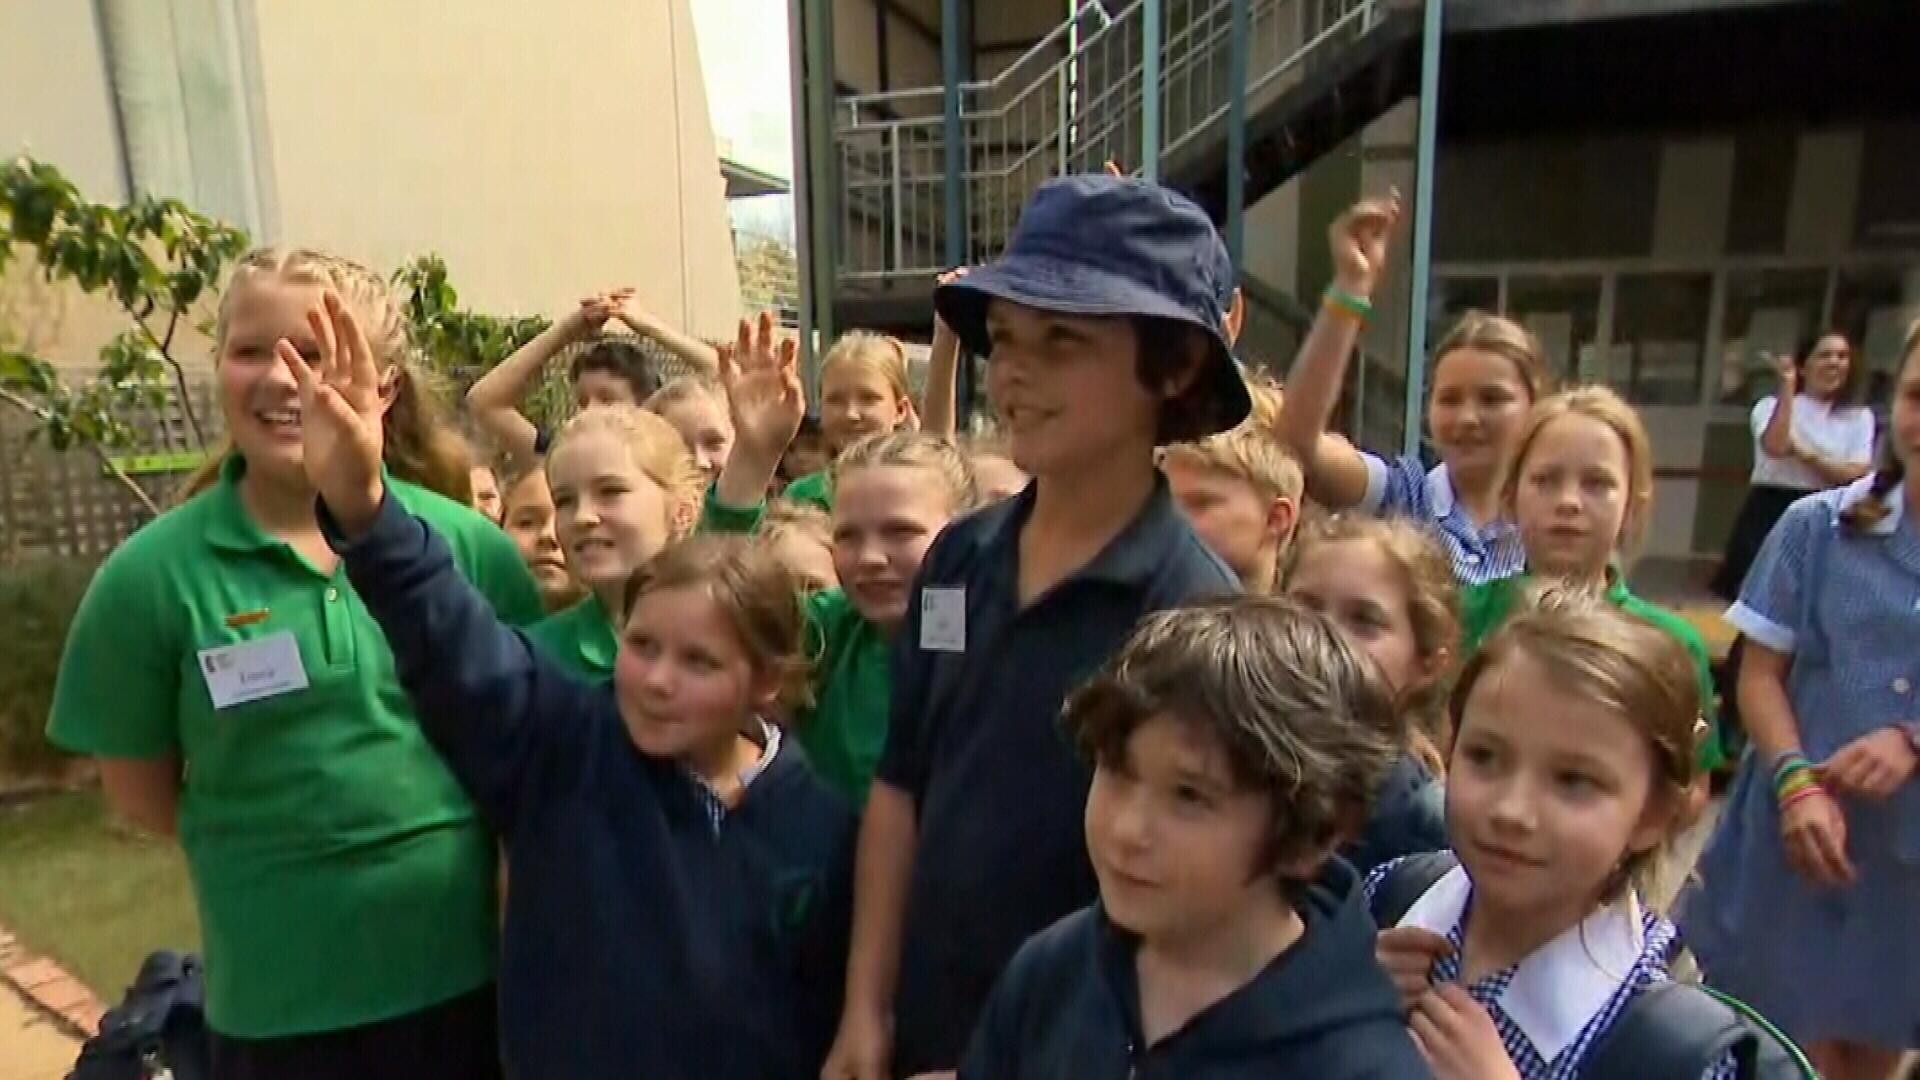 School kids speak on meeting Prince Harry and Meghan